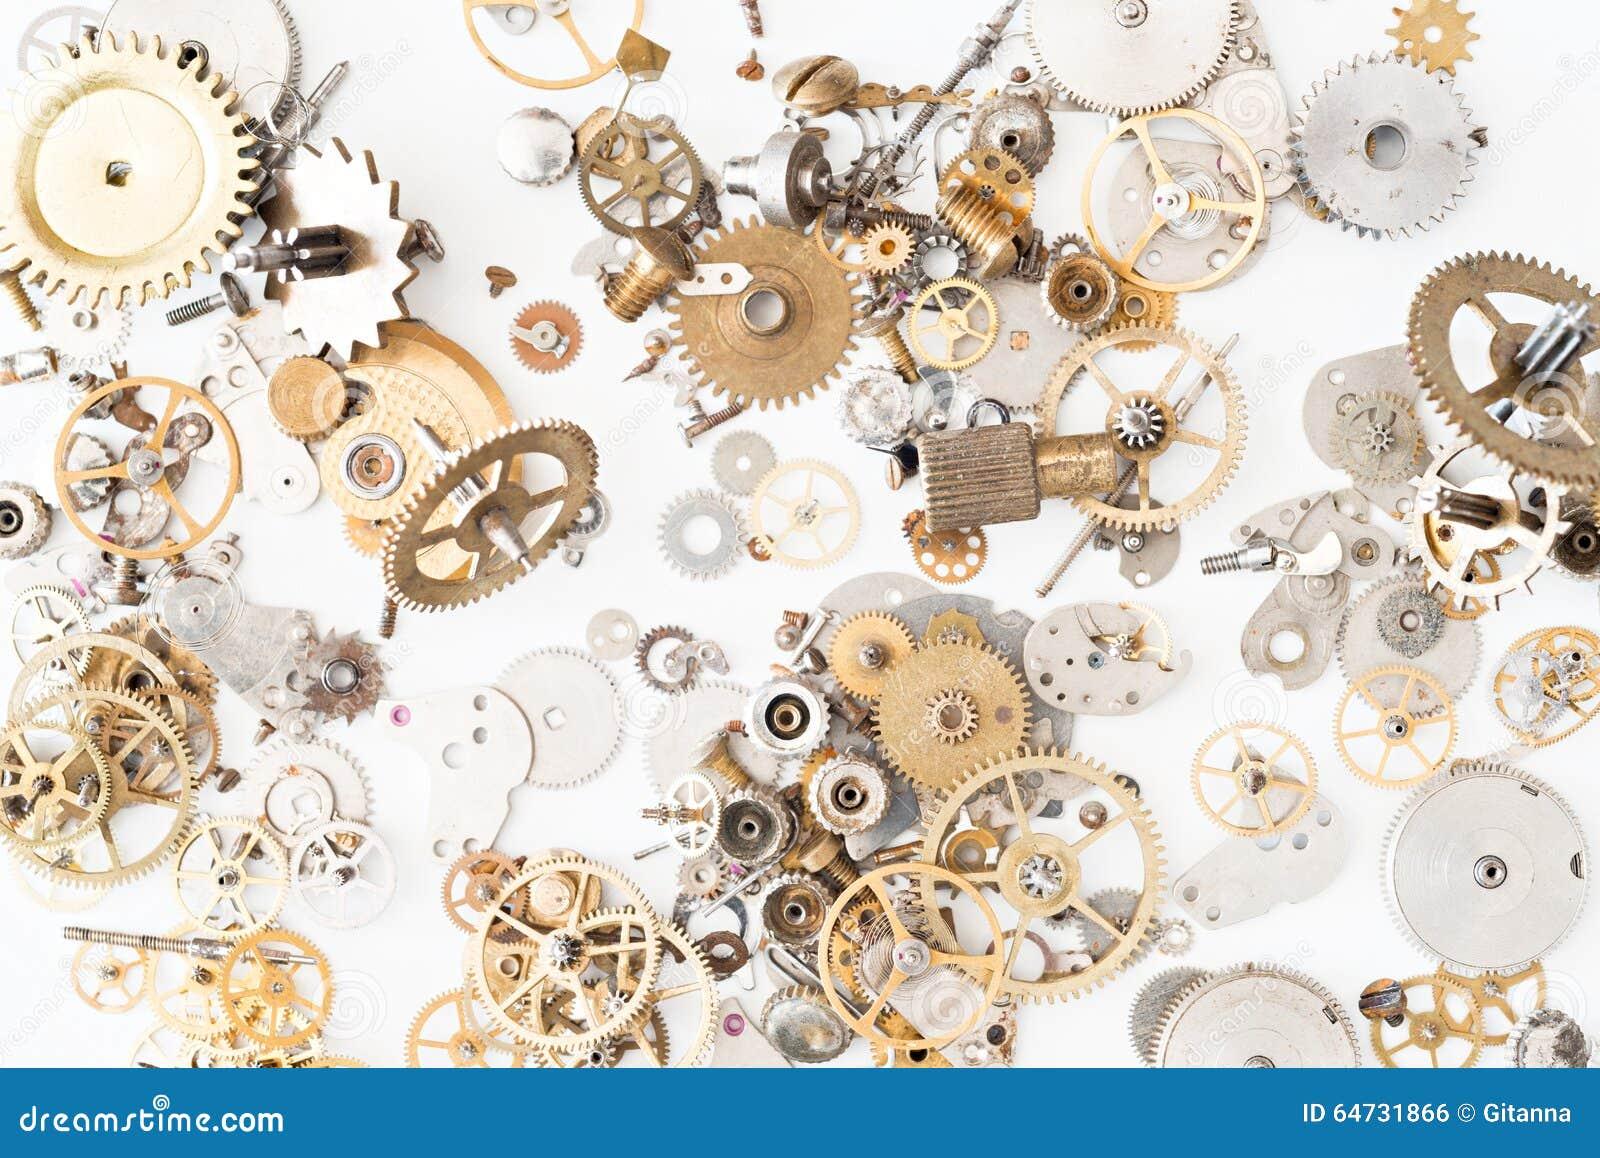 Meccanismi degli orologi